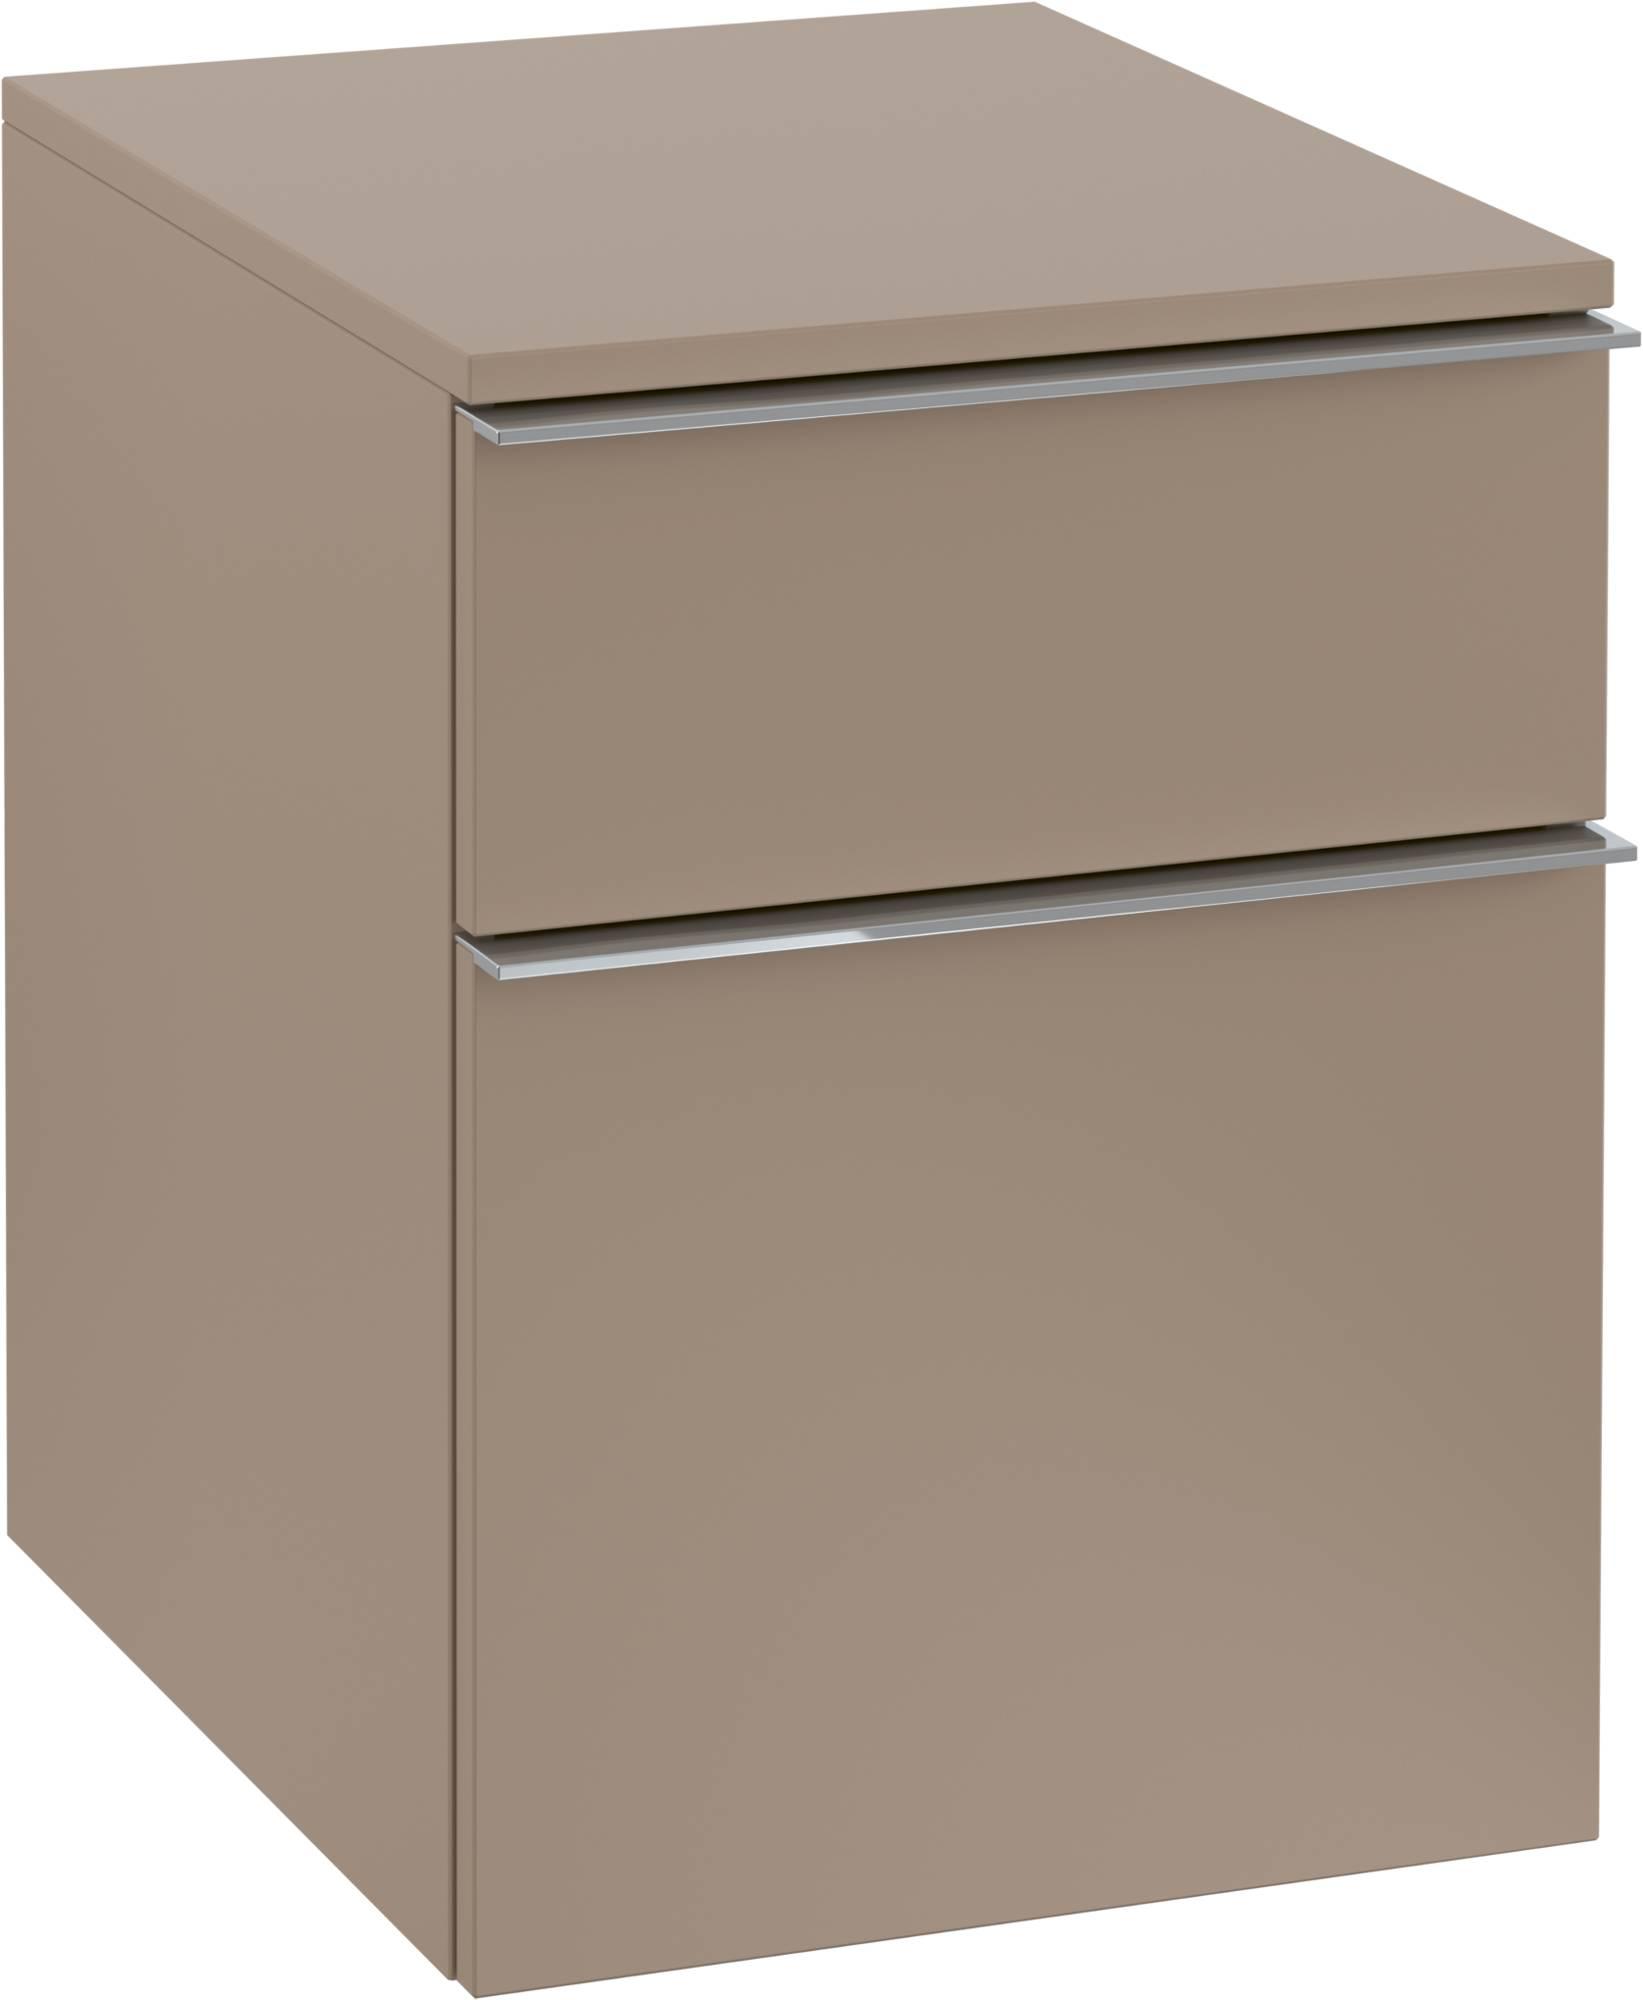 Villeroy & Boch Venticello Aanbouwkast 40x50,2x52,9 cm Stone Oak